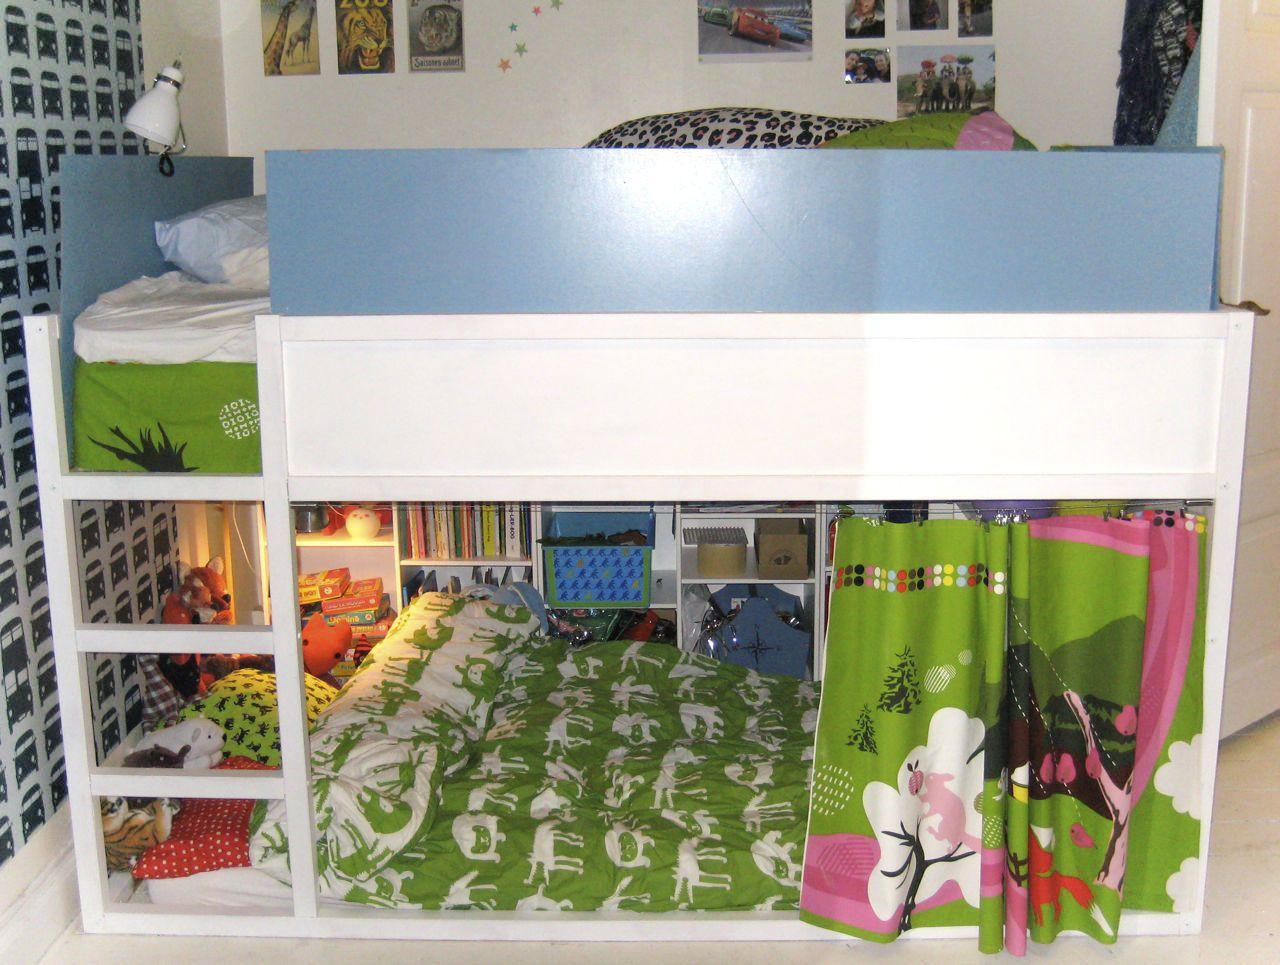 ikea hack cama kura de 140cm de ancho baby deco. Black Bedroom Furniture Sets. Home Design Ideas